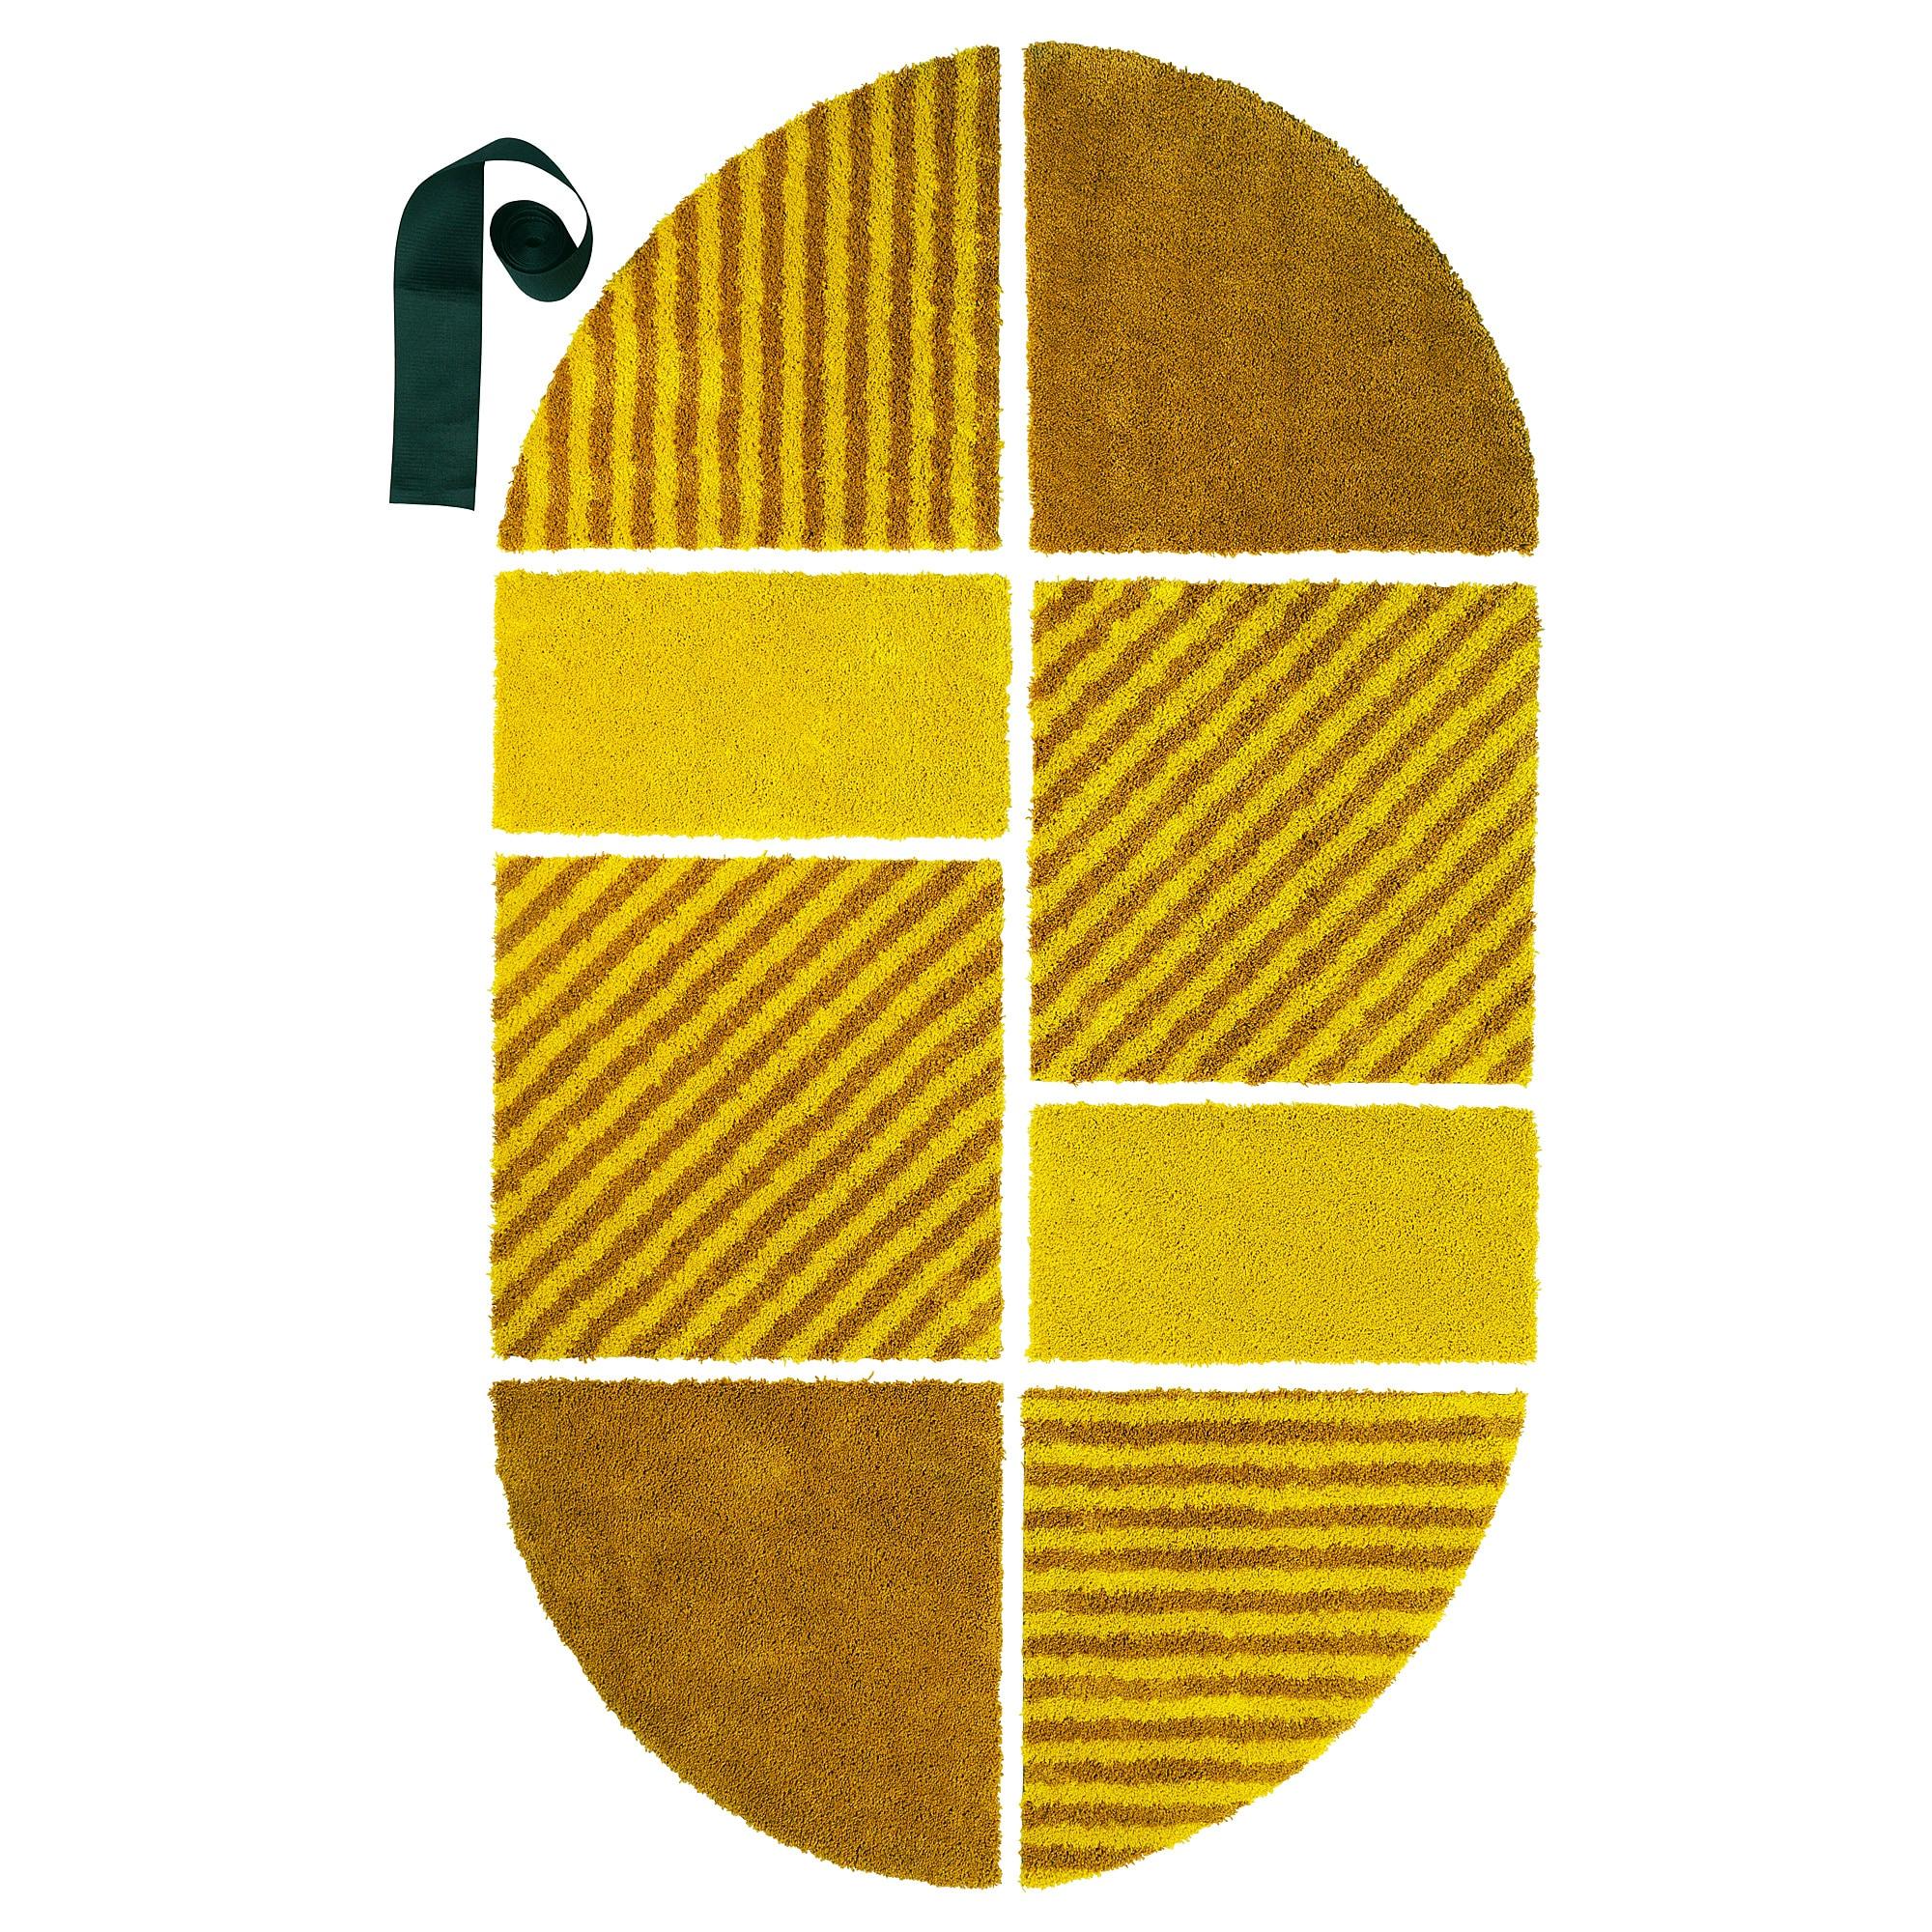 Ковер, короткий ворс СЬЕЛЬВСТЭНДИГ желтый артикуль № 304.147.77 в наличии. Online магазин ИКЕА Республика Беларусь. Недорогая доставка и установка.